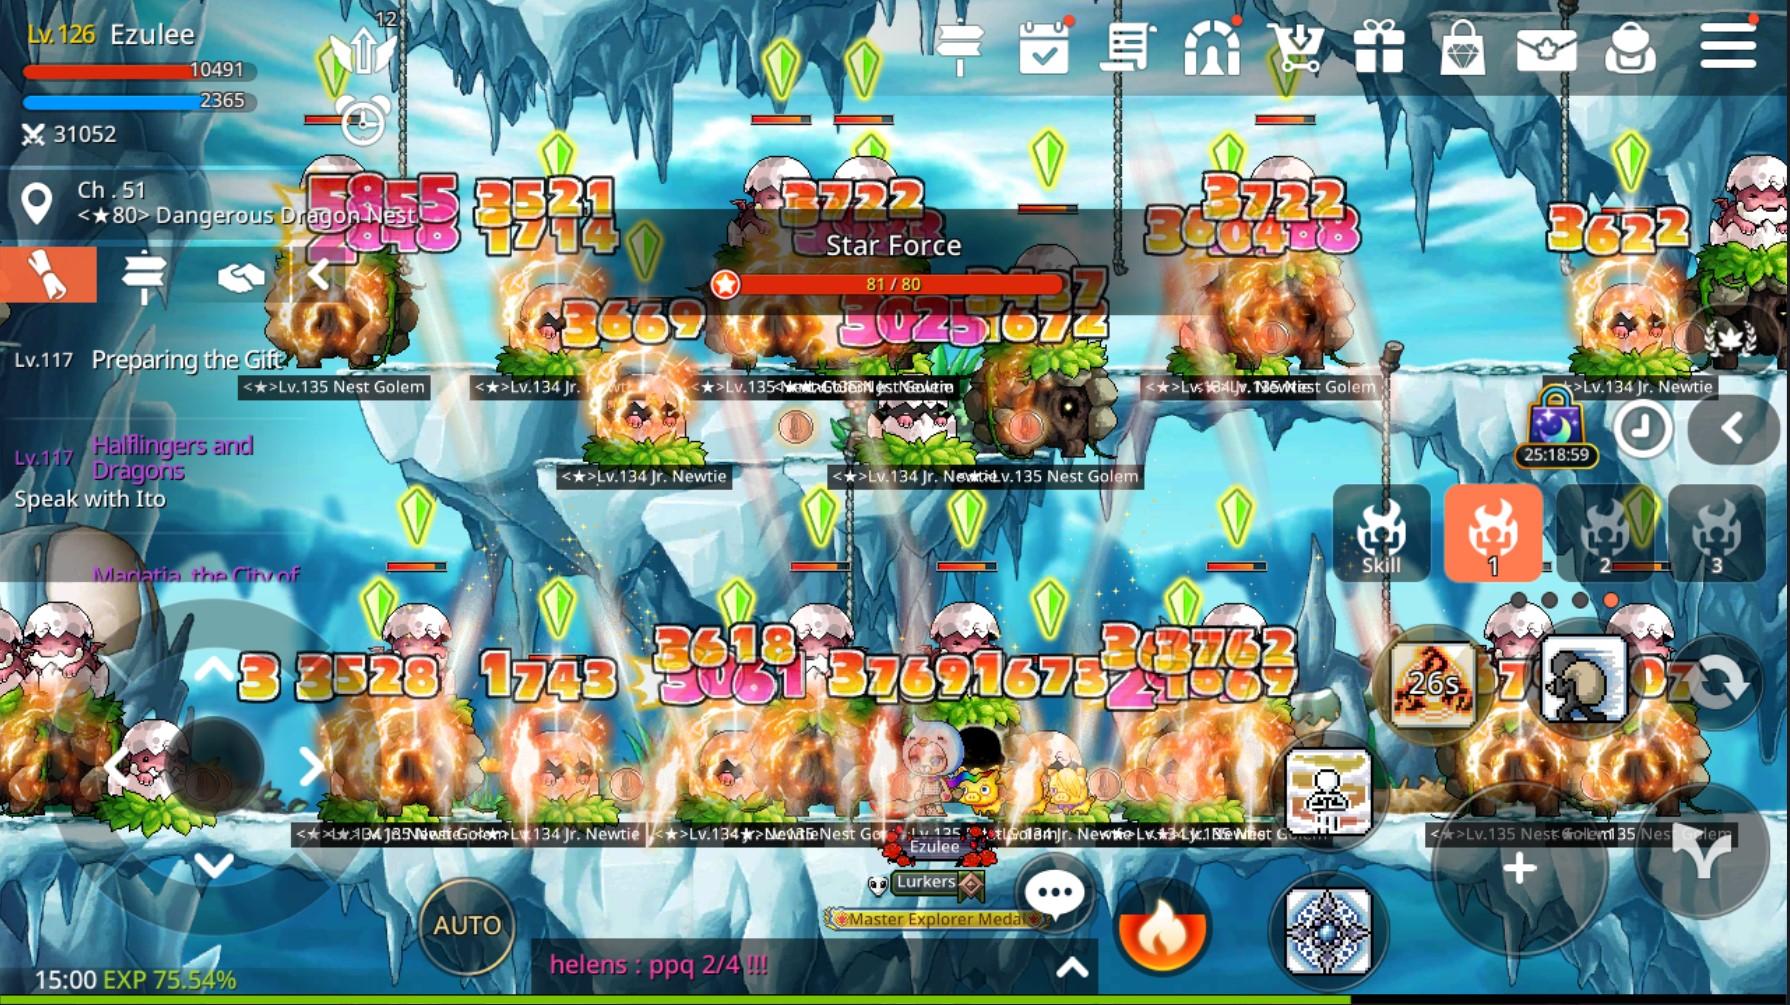 MapleStory M Shadower Gameplay Screenshot